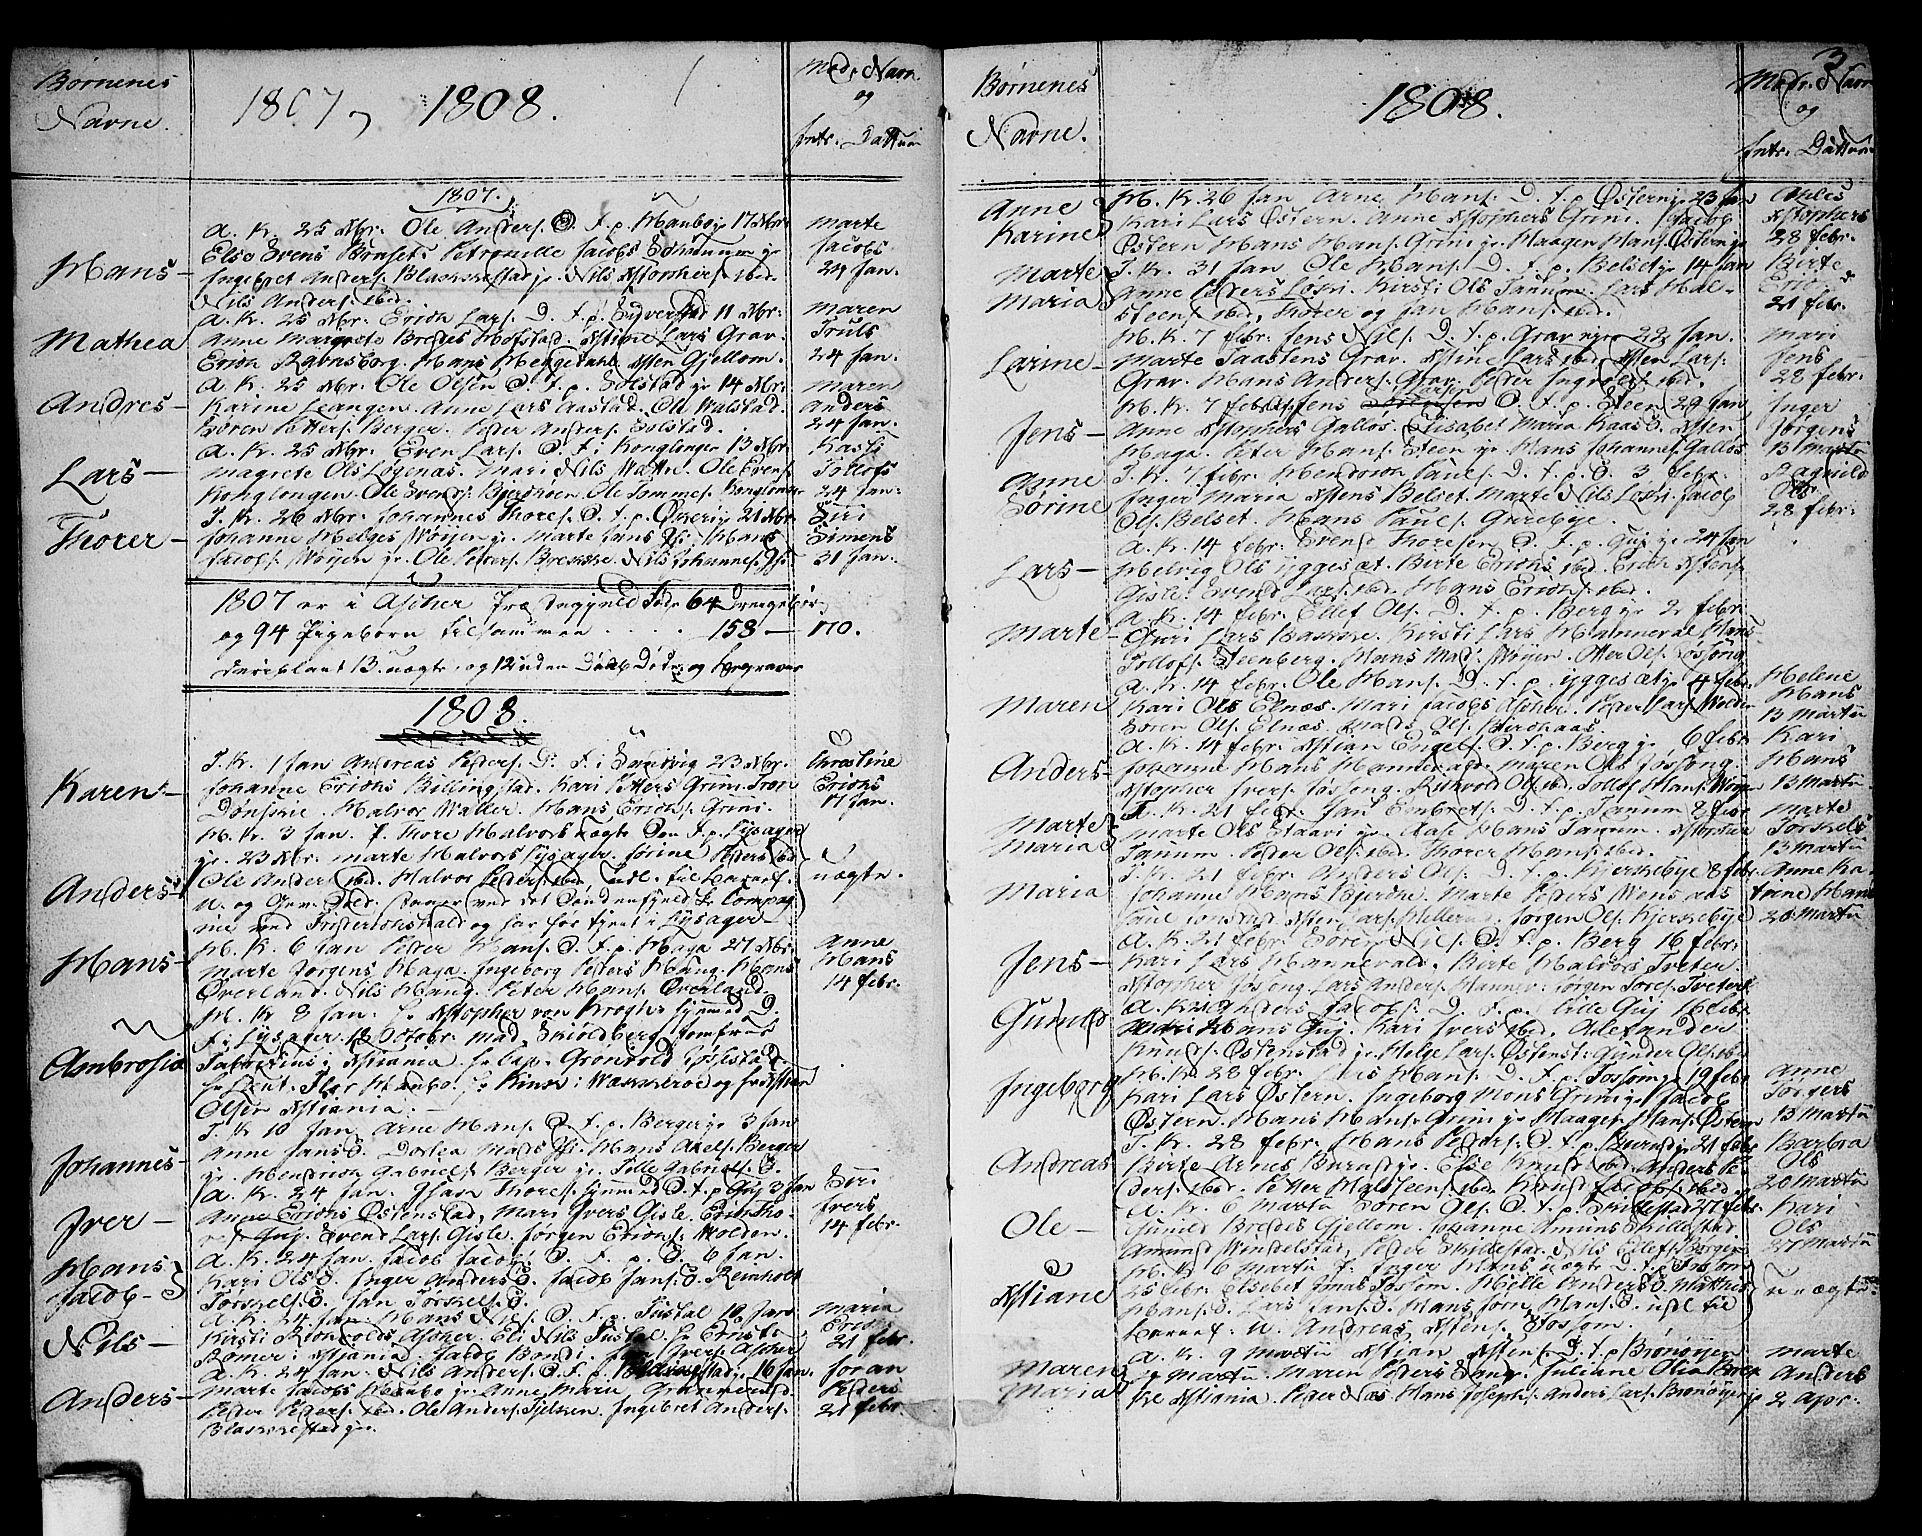 SAO, Asker prestekontor Kirkebøker, F/Fa/L0005: Ministerialbok nr. I 5, 1807-1813, s. 3